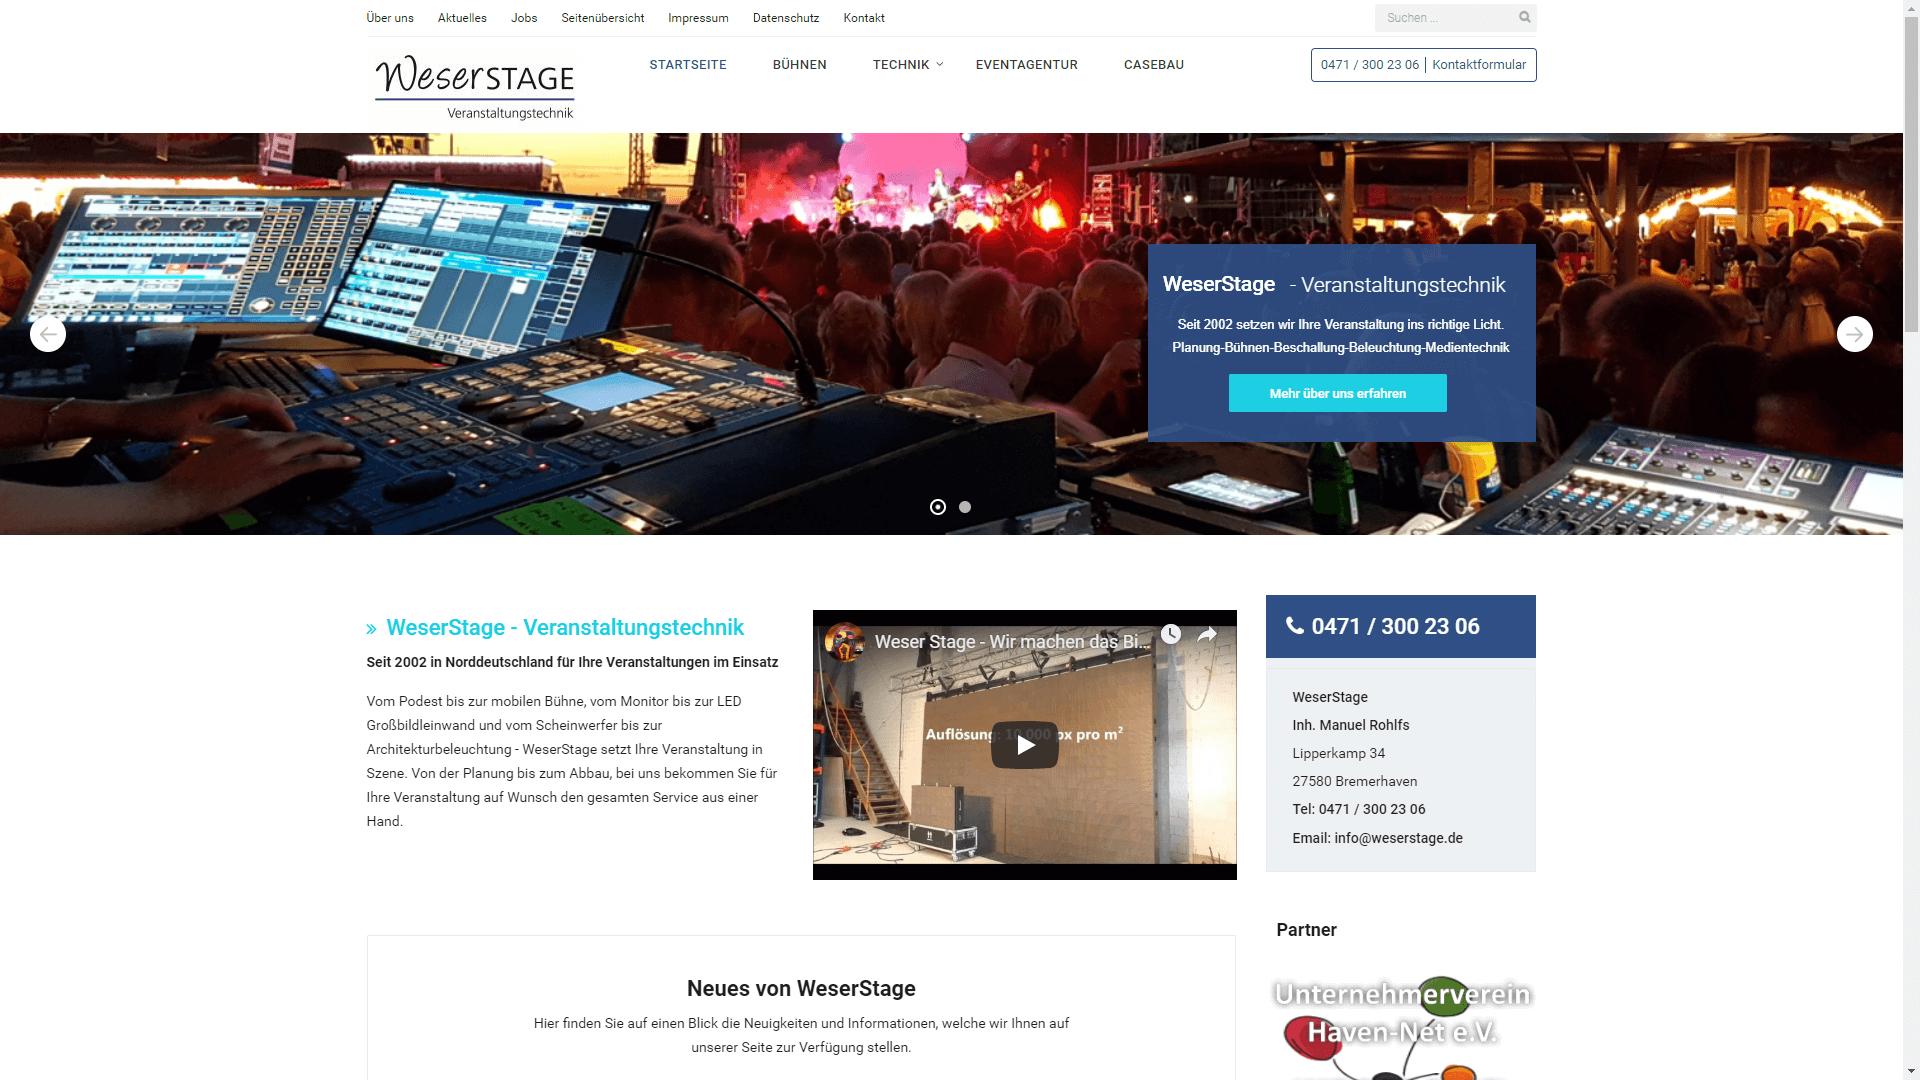 Unternehmen - WeserStage - Veranstaltungstechnik